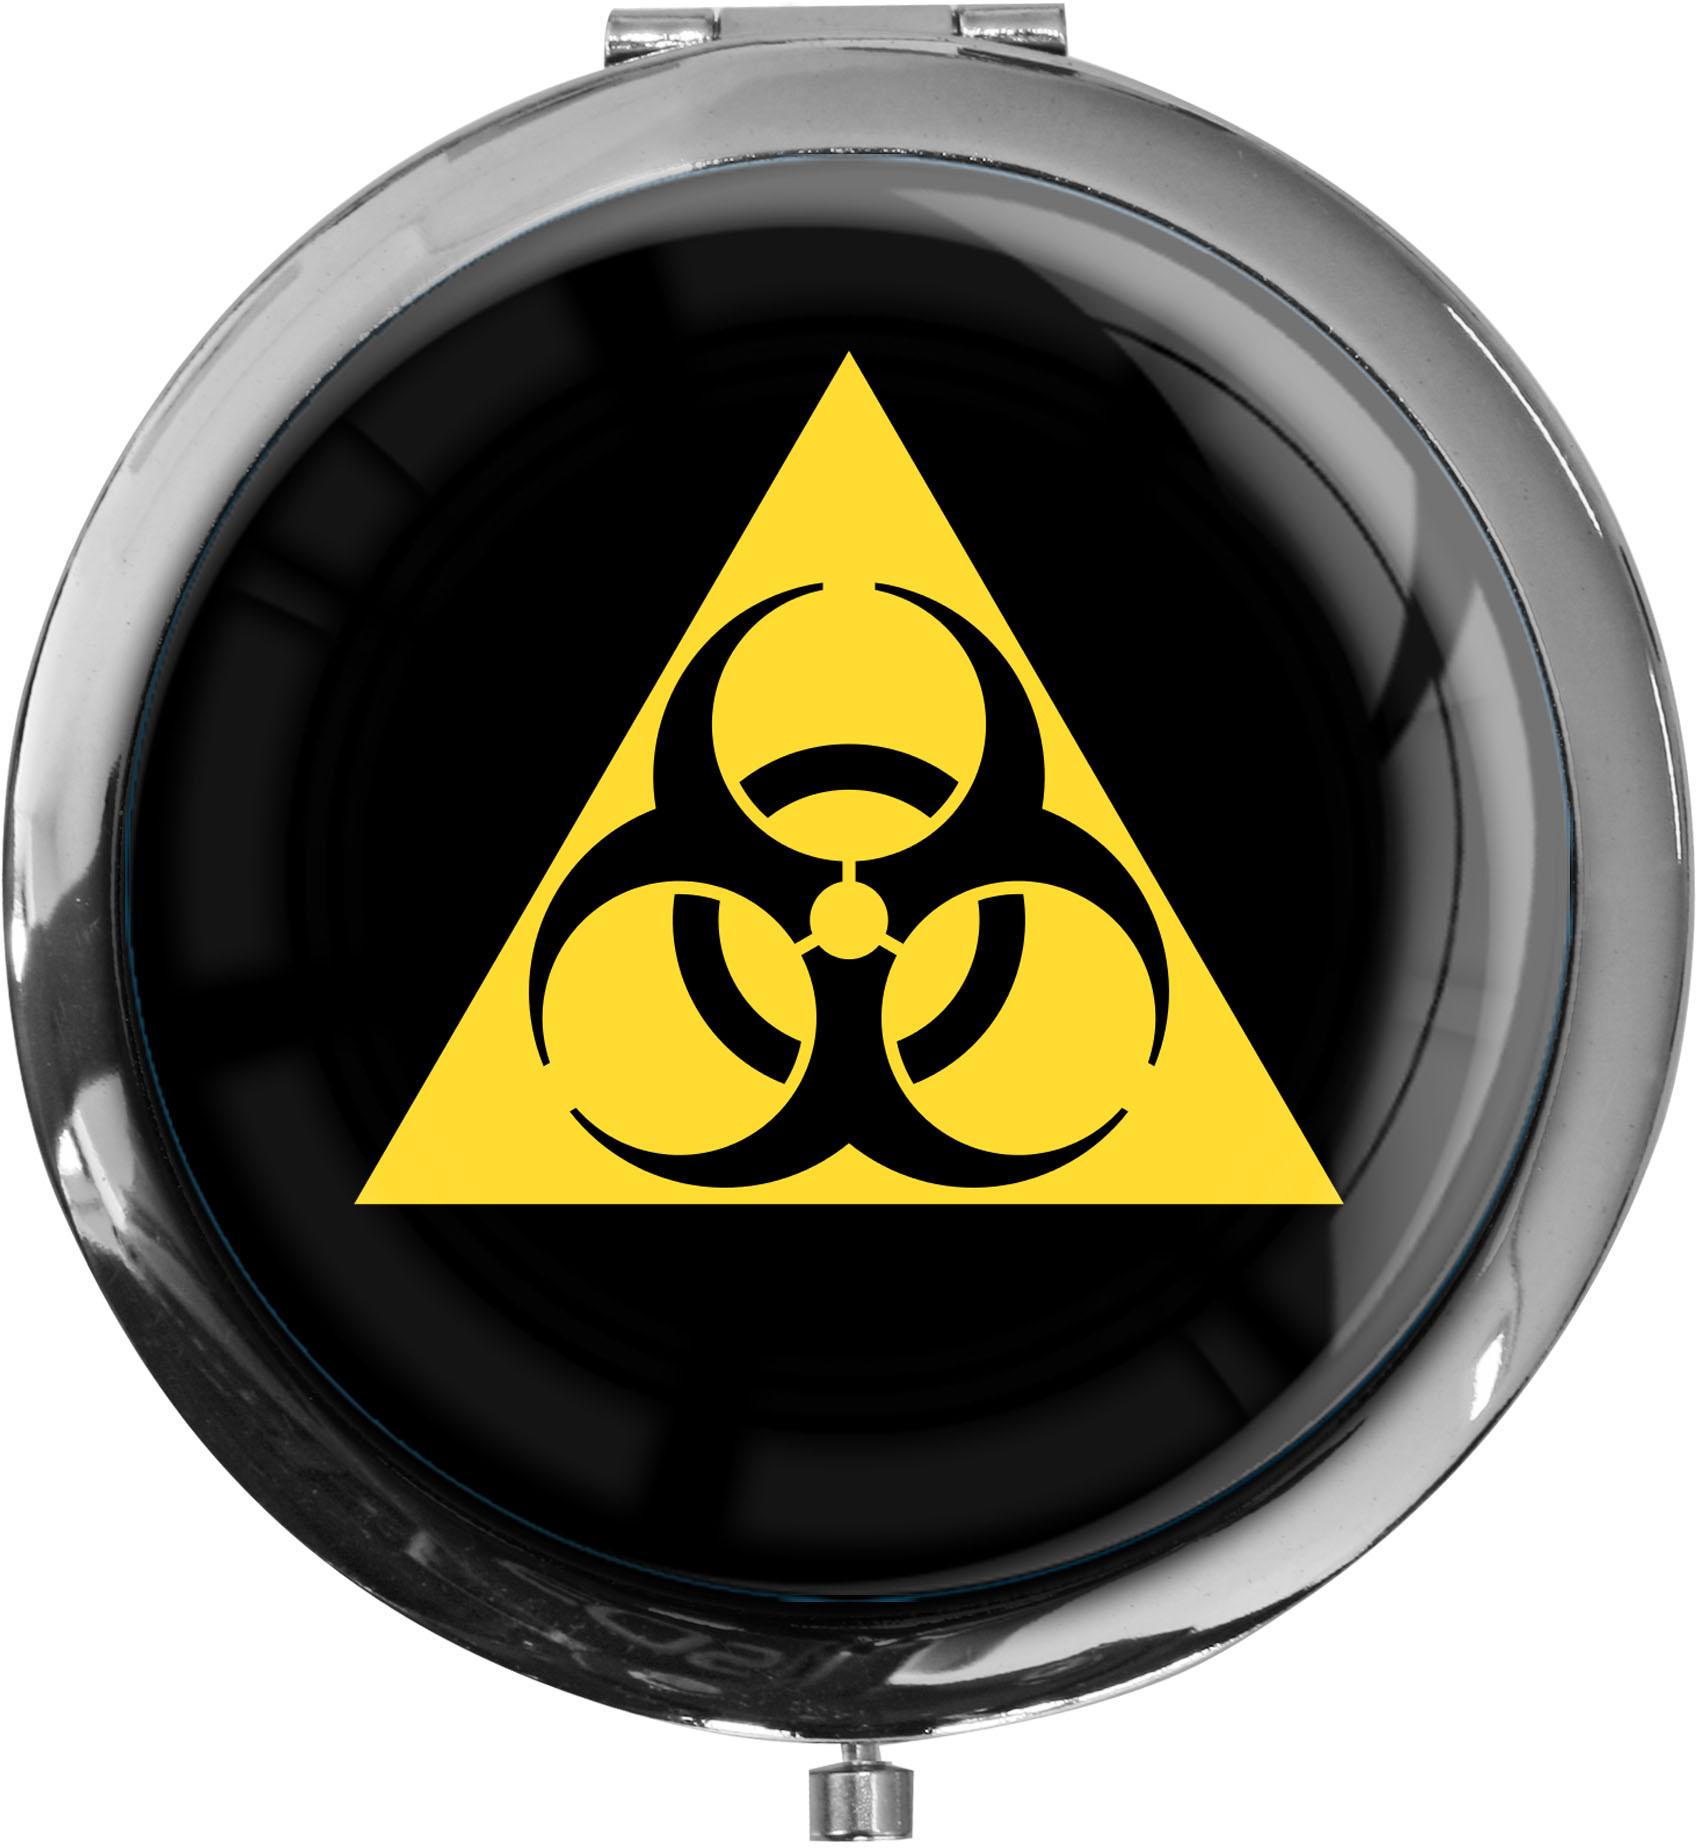 Taschenspiegel / Spiegel / Biohazard